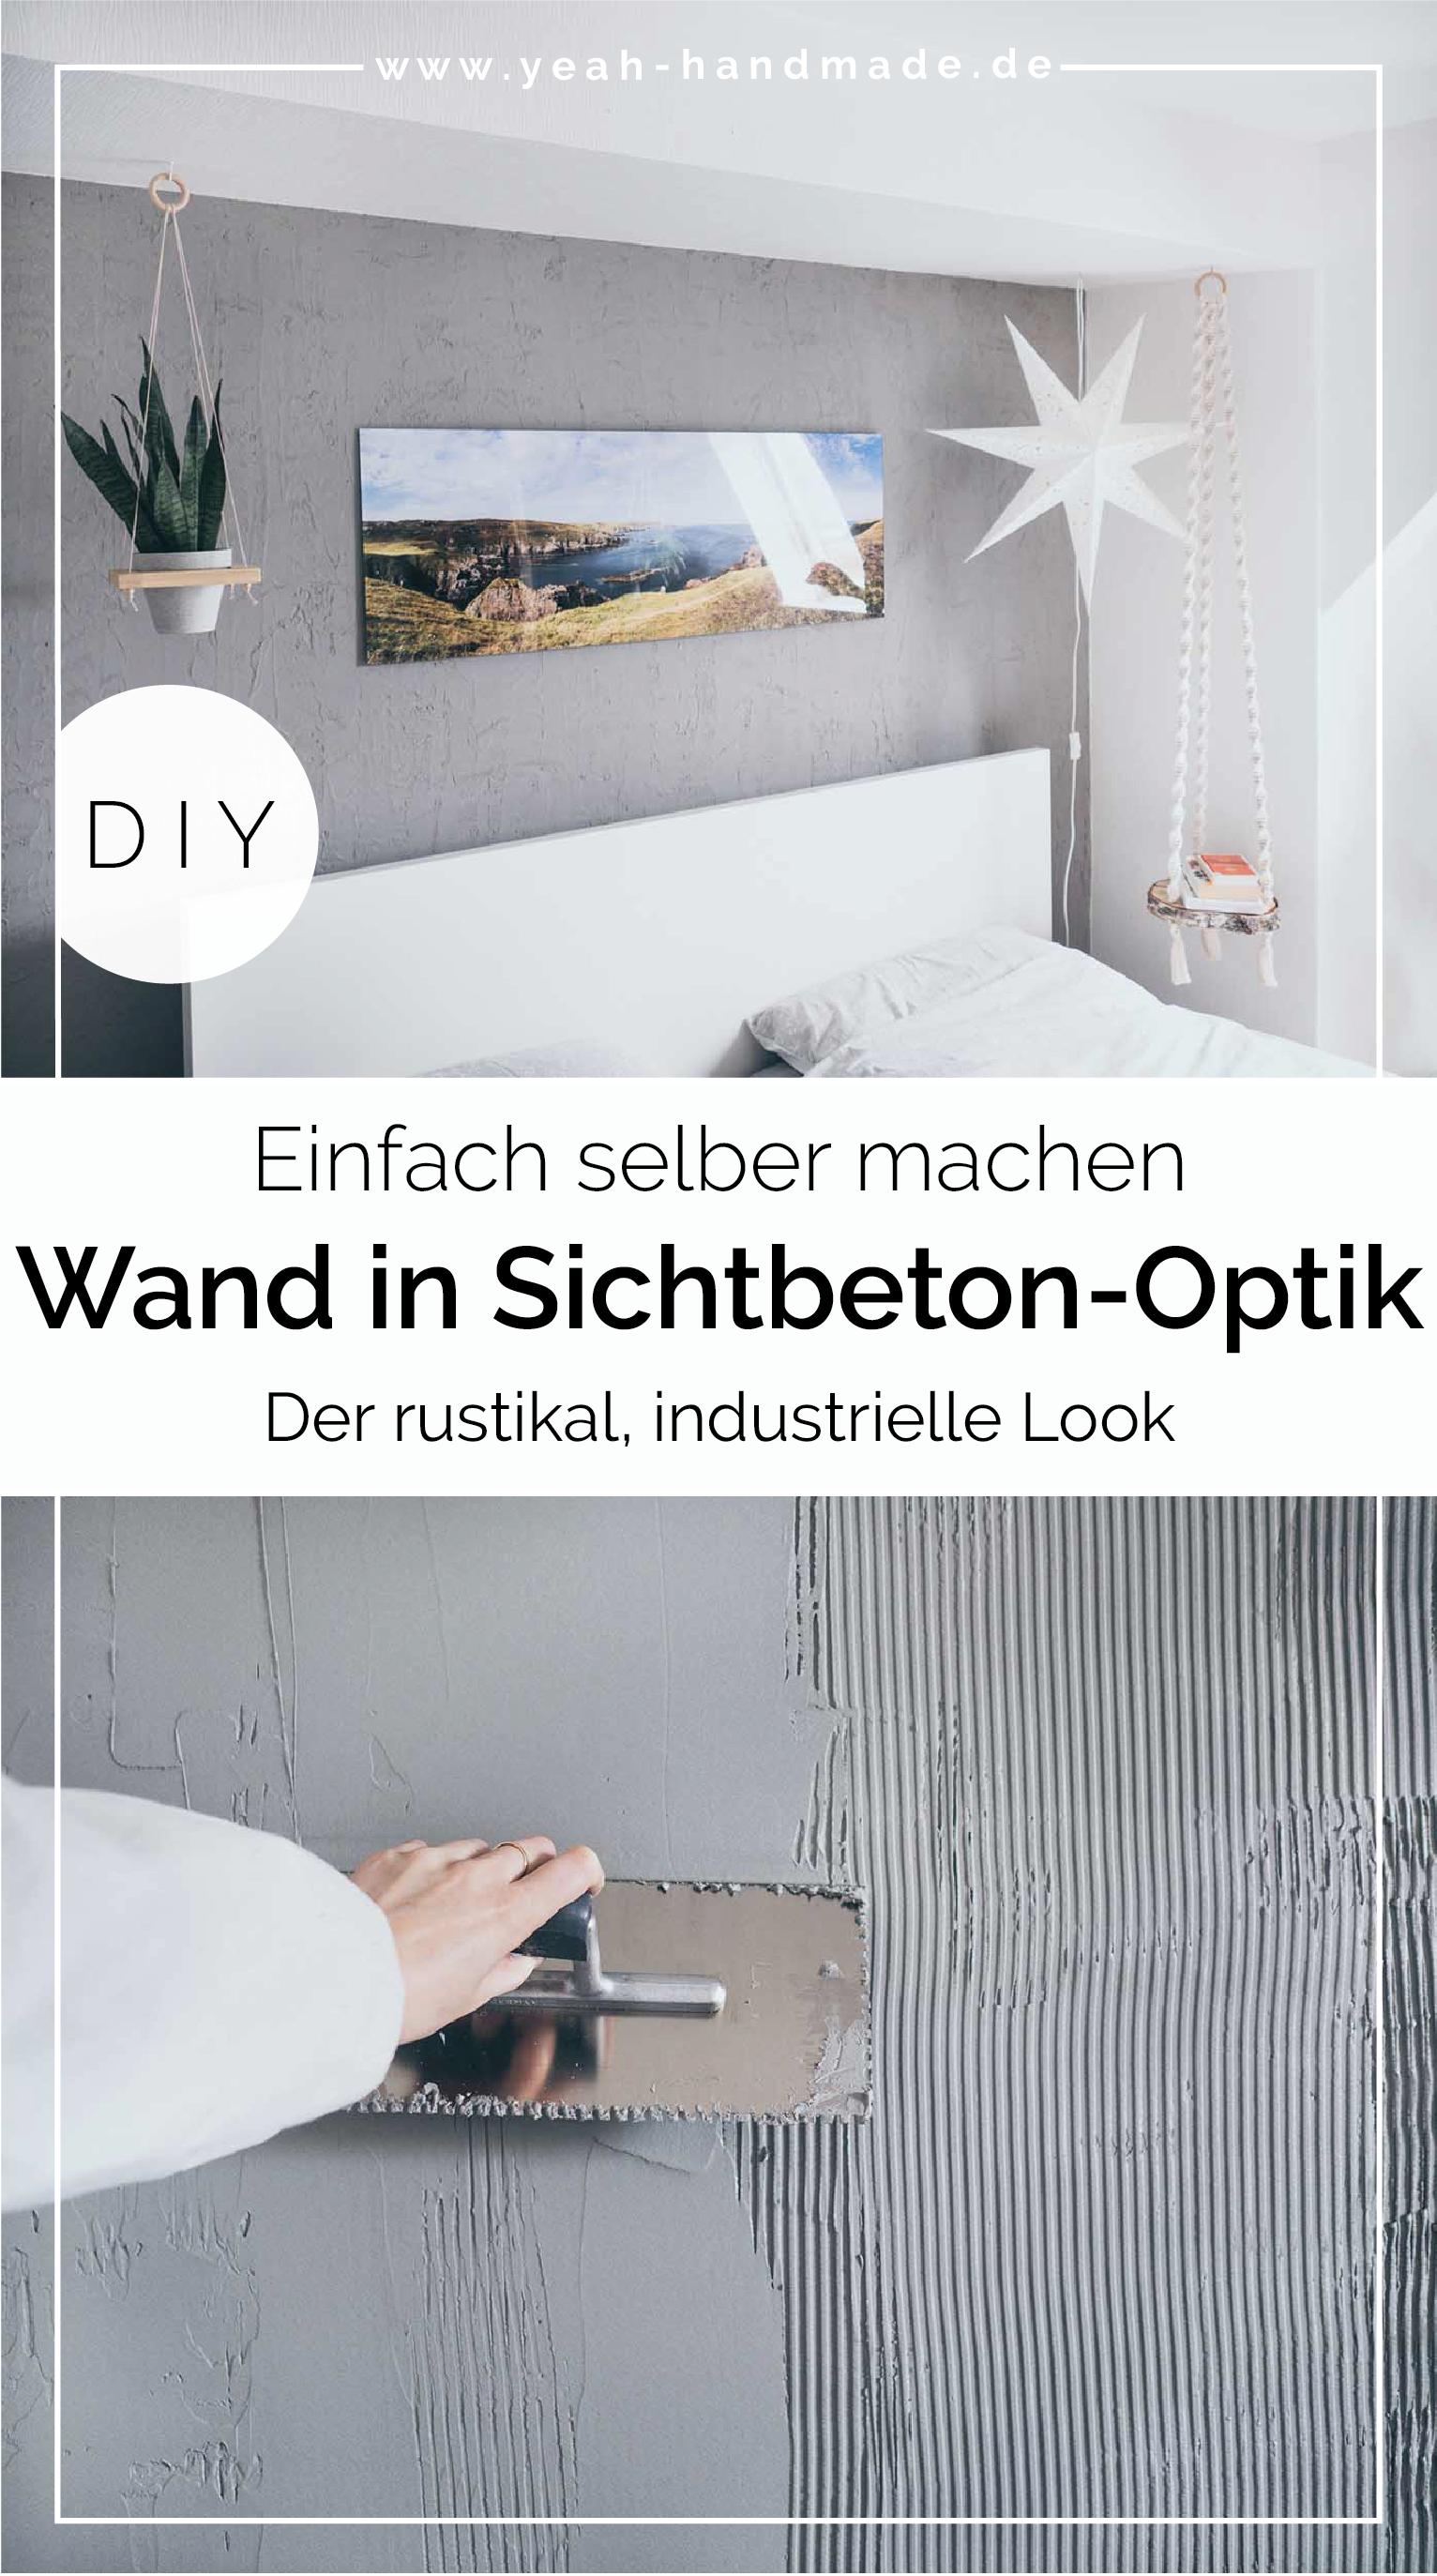 Diy Wand In Sichtbeton Optik Selber Machen In 2020 Haus Deko Diy Wand Wohnzimmer Streichen